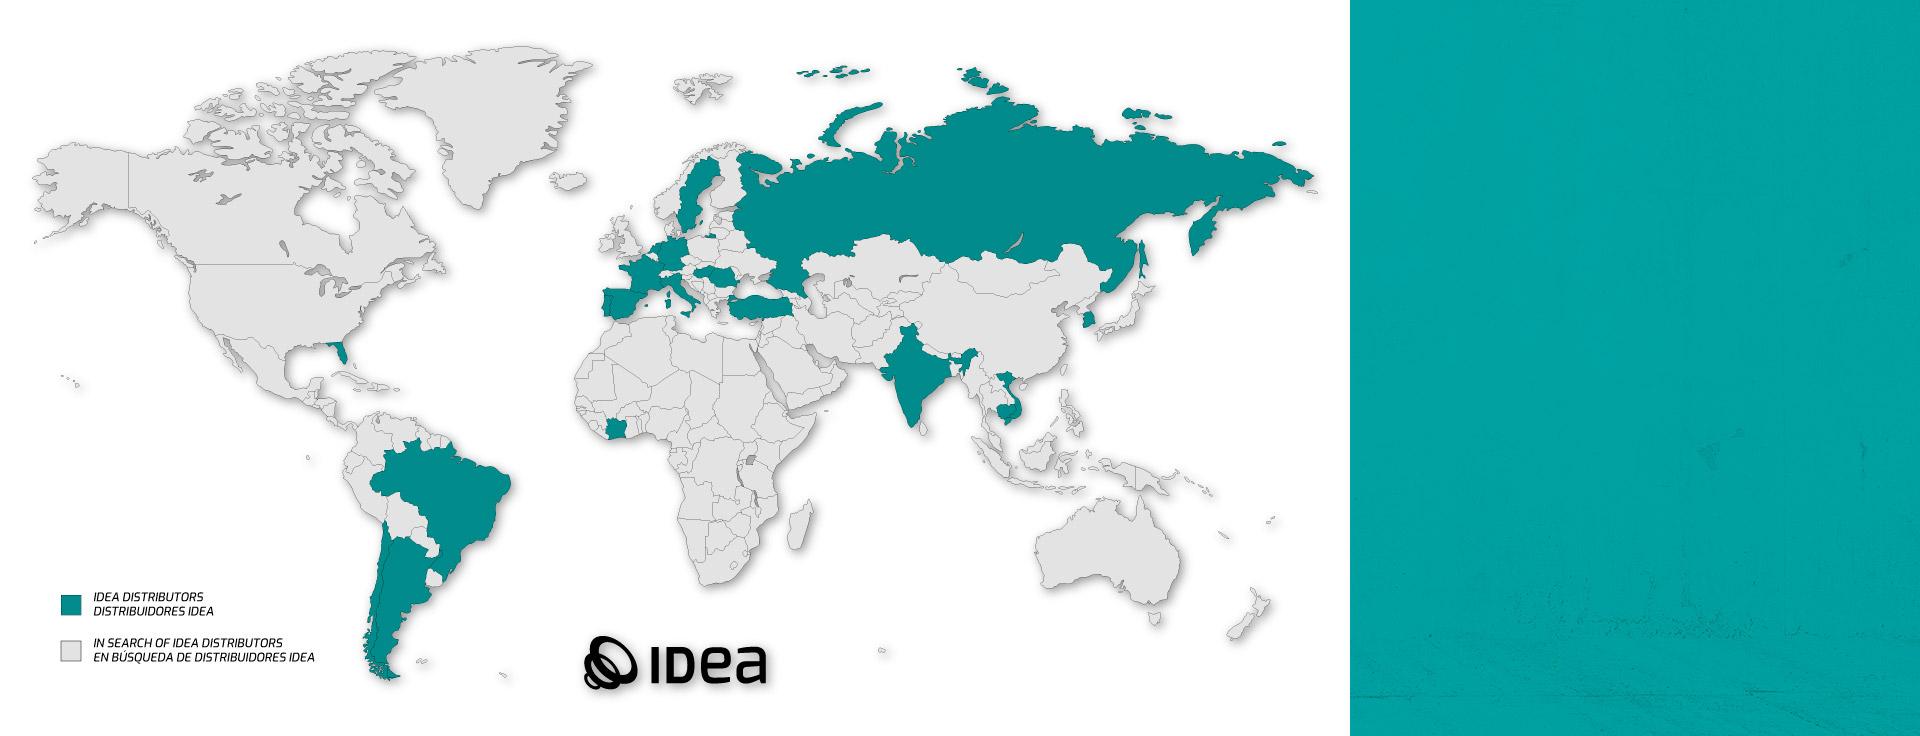 Mapa-IDEA-distr5